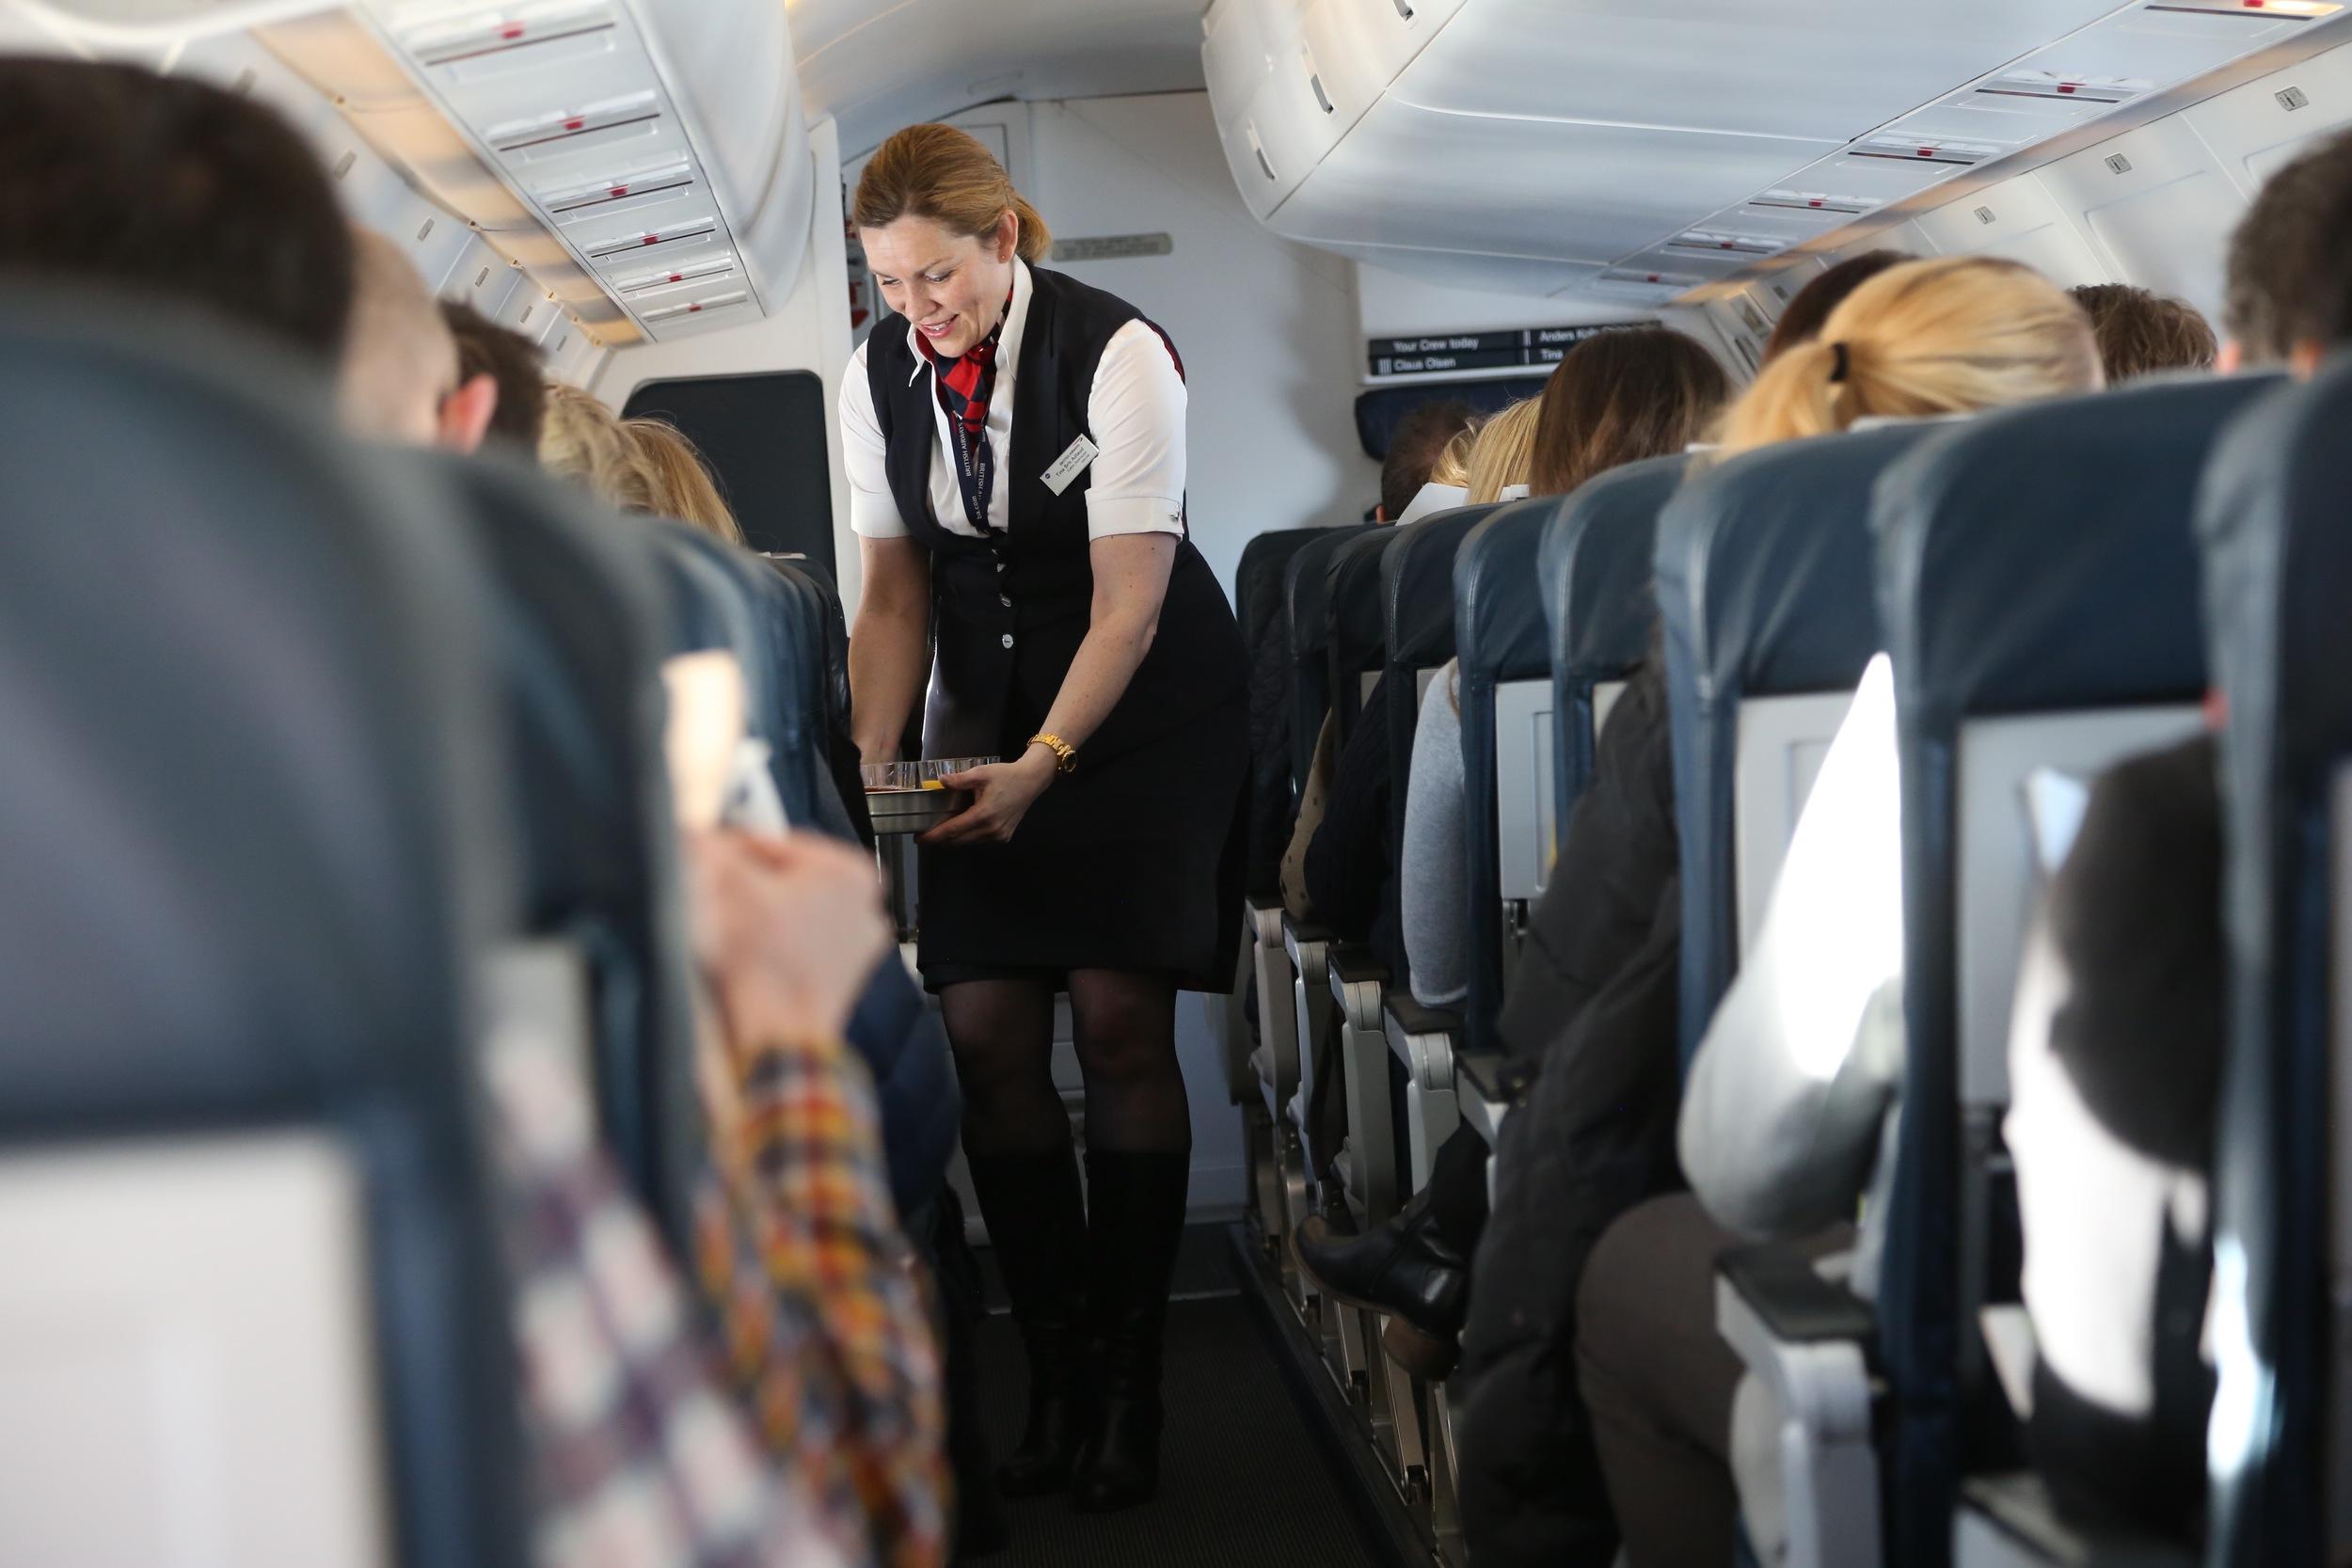 Flyreiser kan by på det beste. Og verste. Hva har du opplevd? Foto: Odd Roar Lange